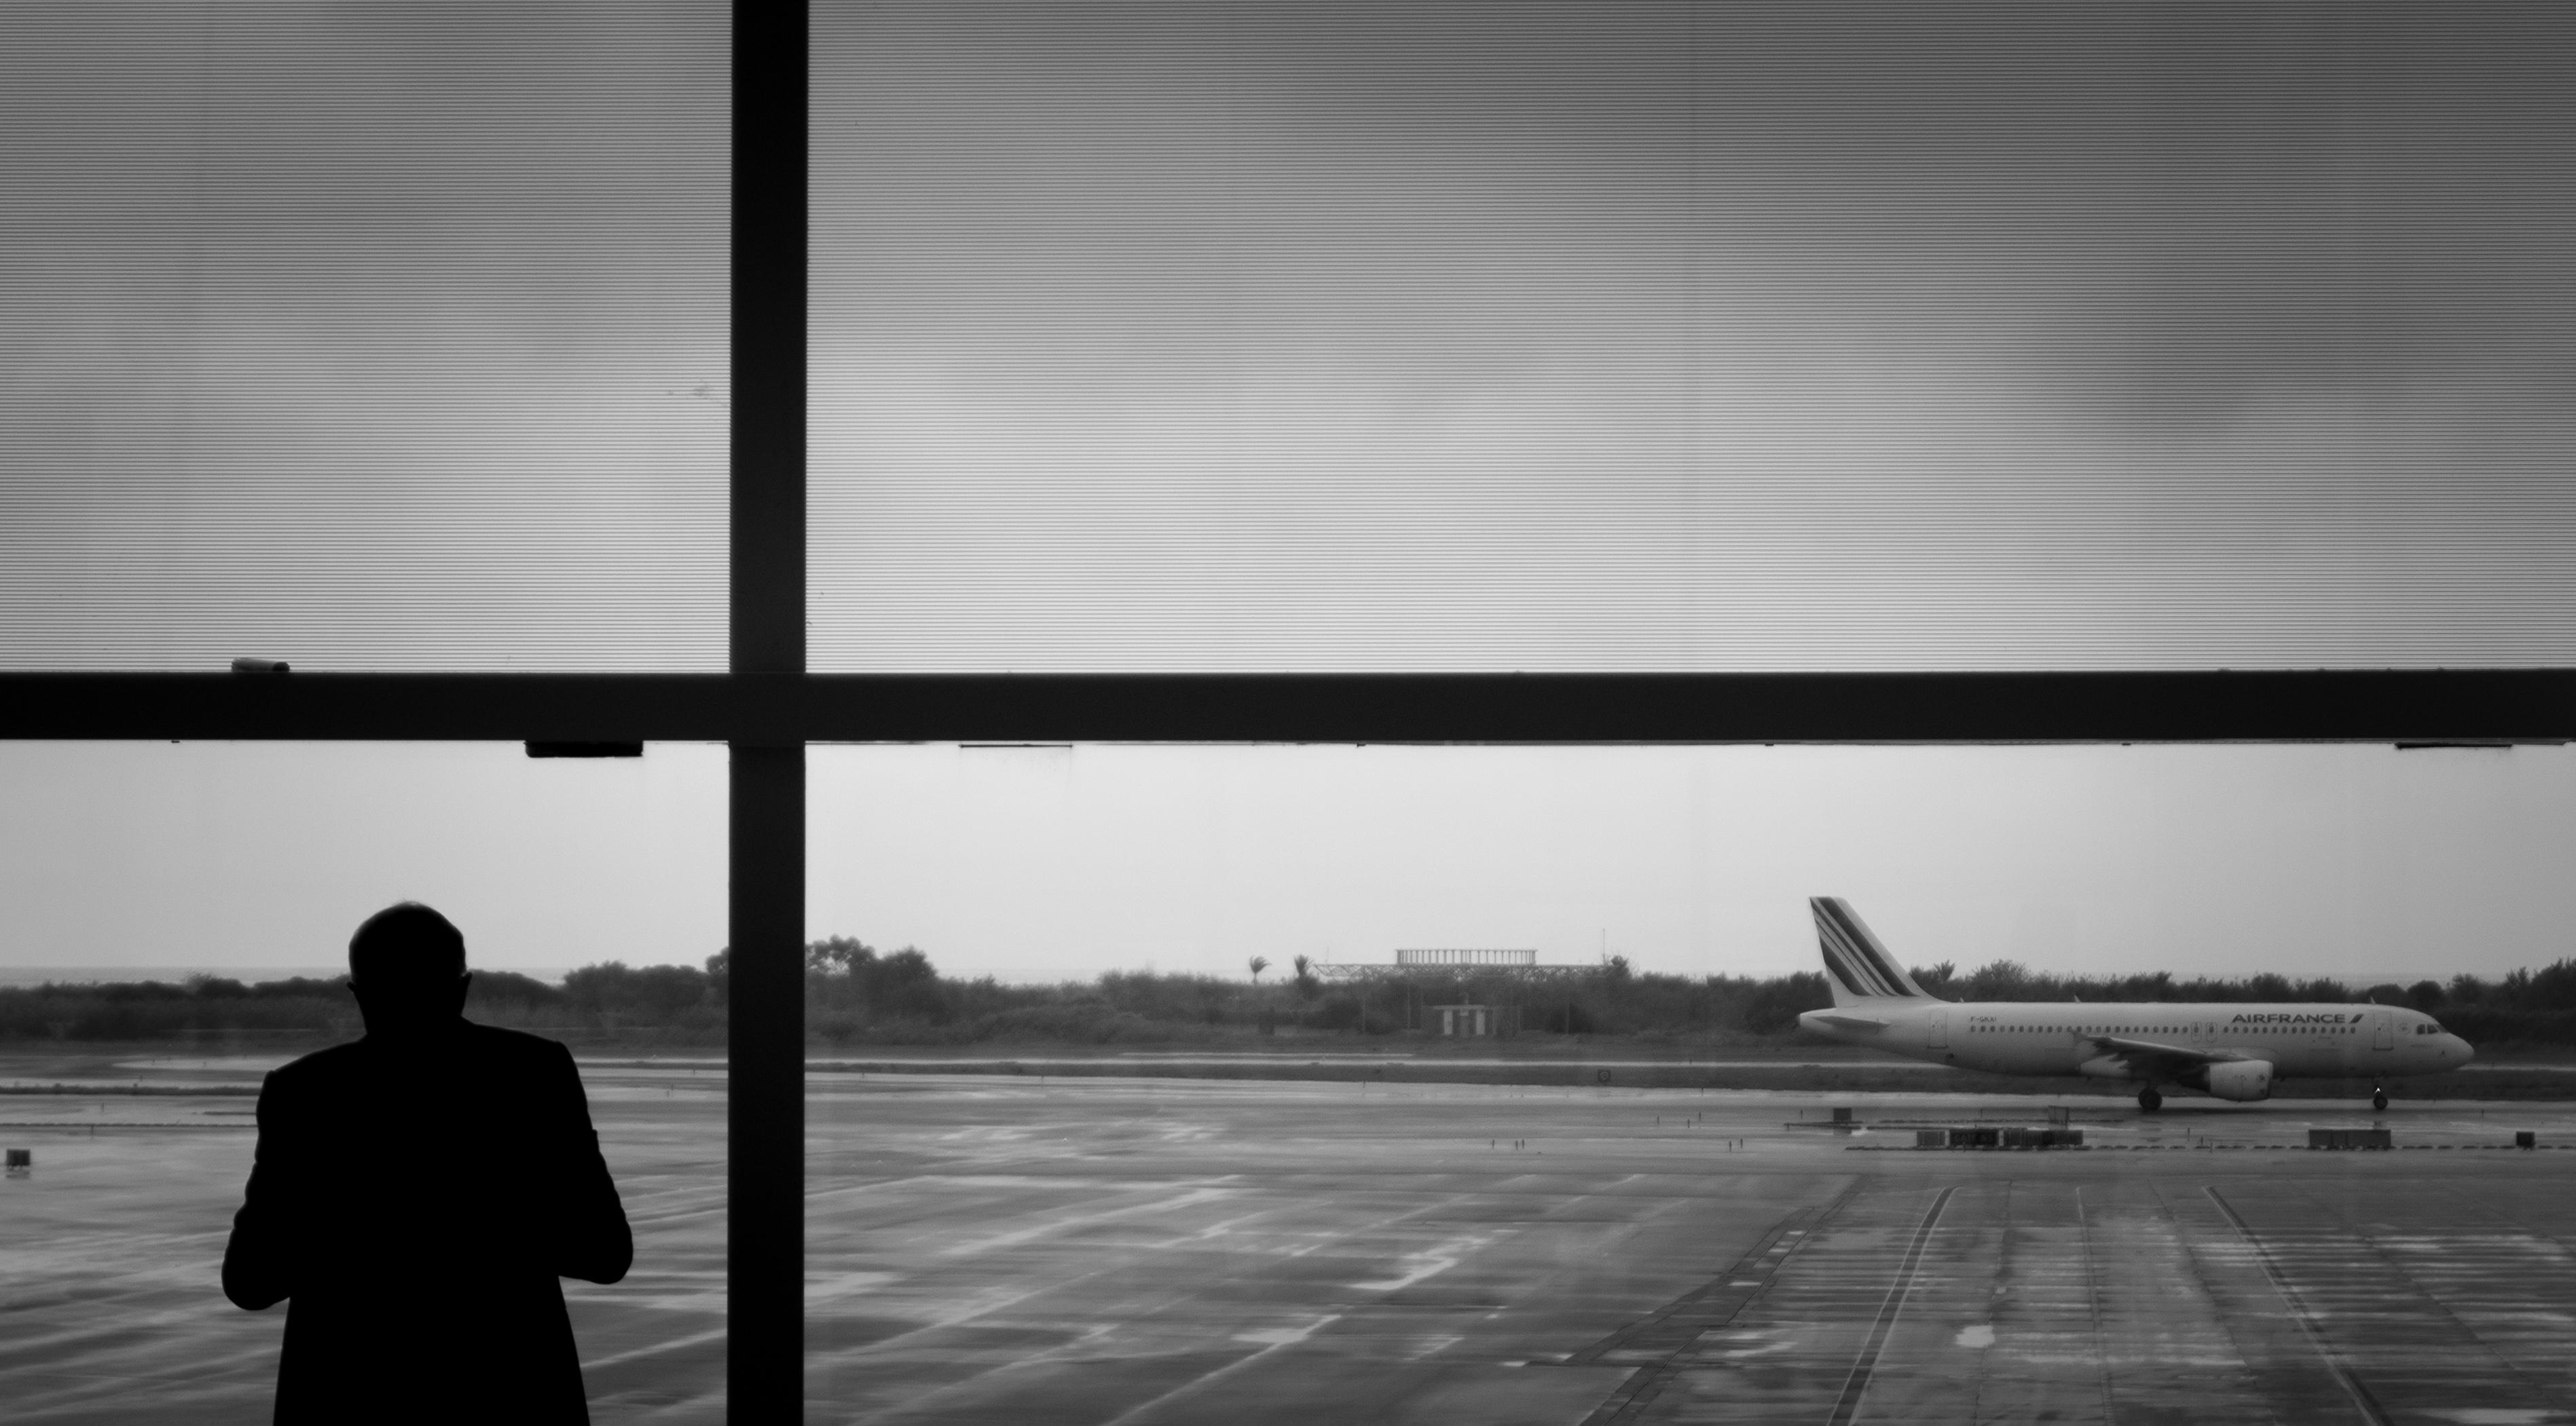 Fotos gratis : silueta, en blanco y negro, fotografía, aeropuerto ...